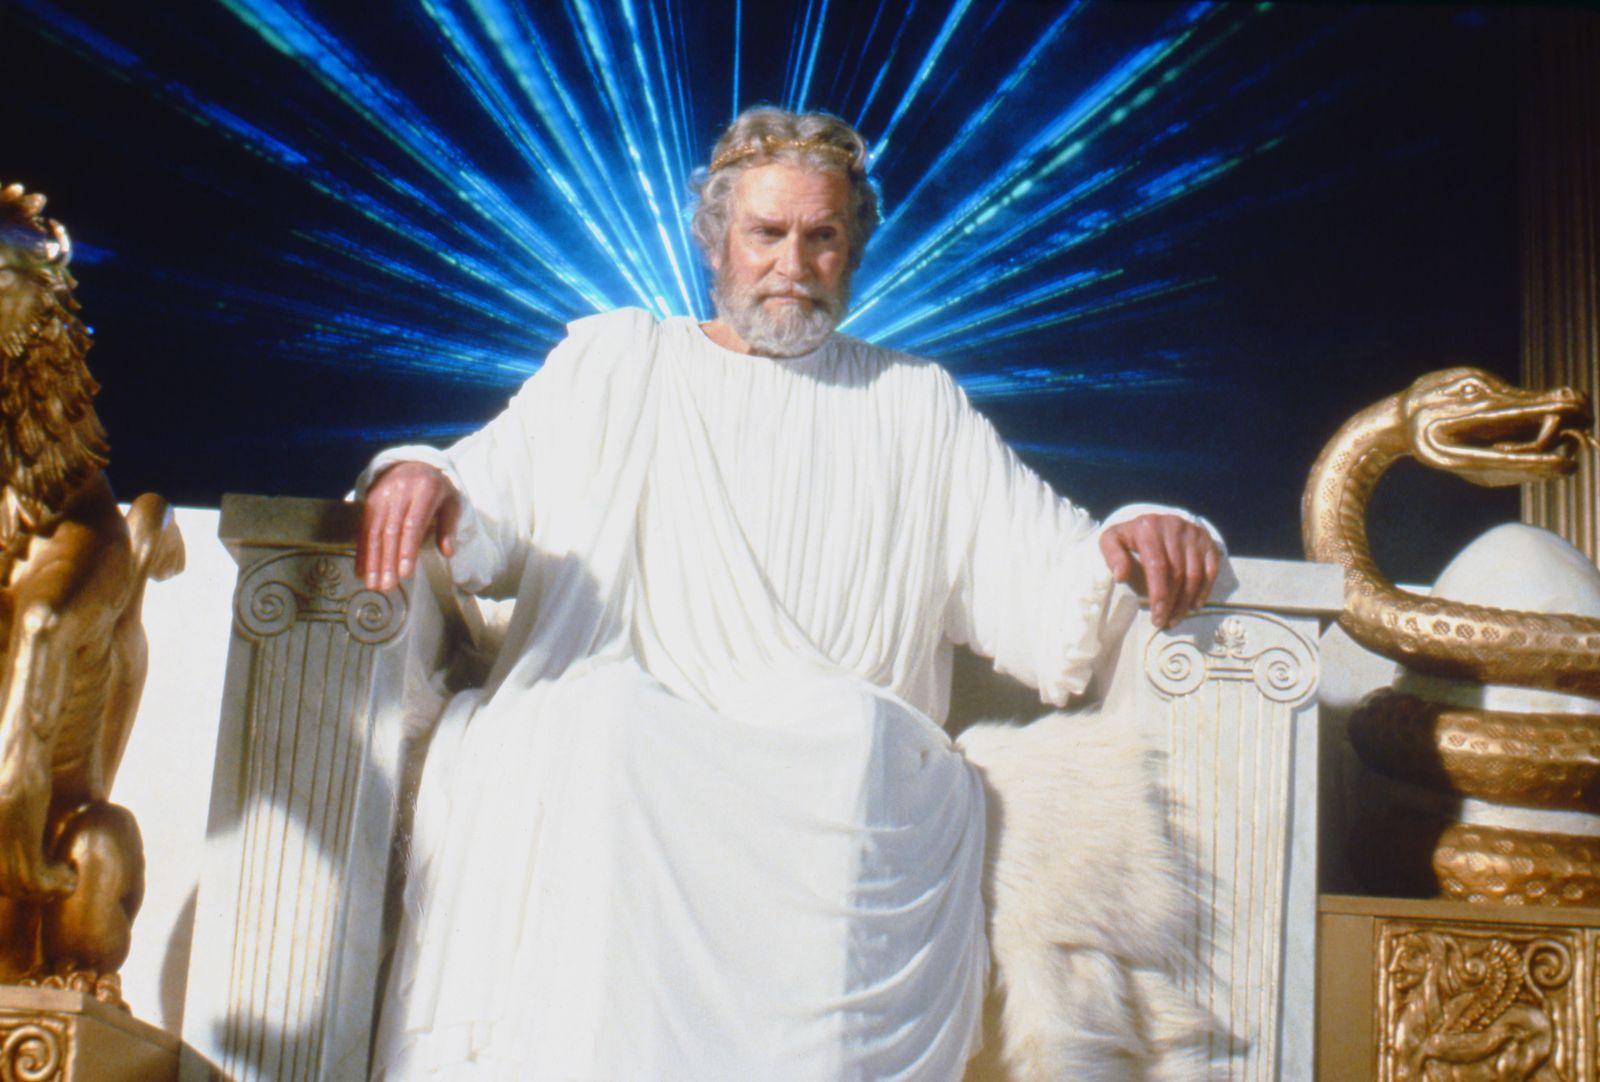 NICHT MEHR VERWENDEN! - Zeus